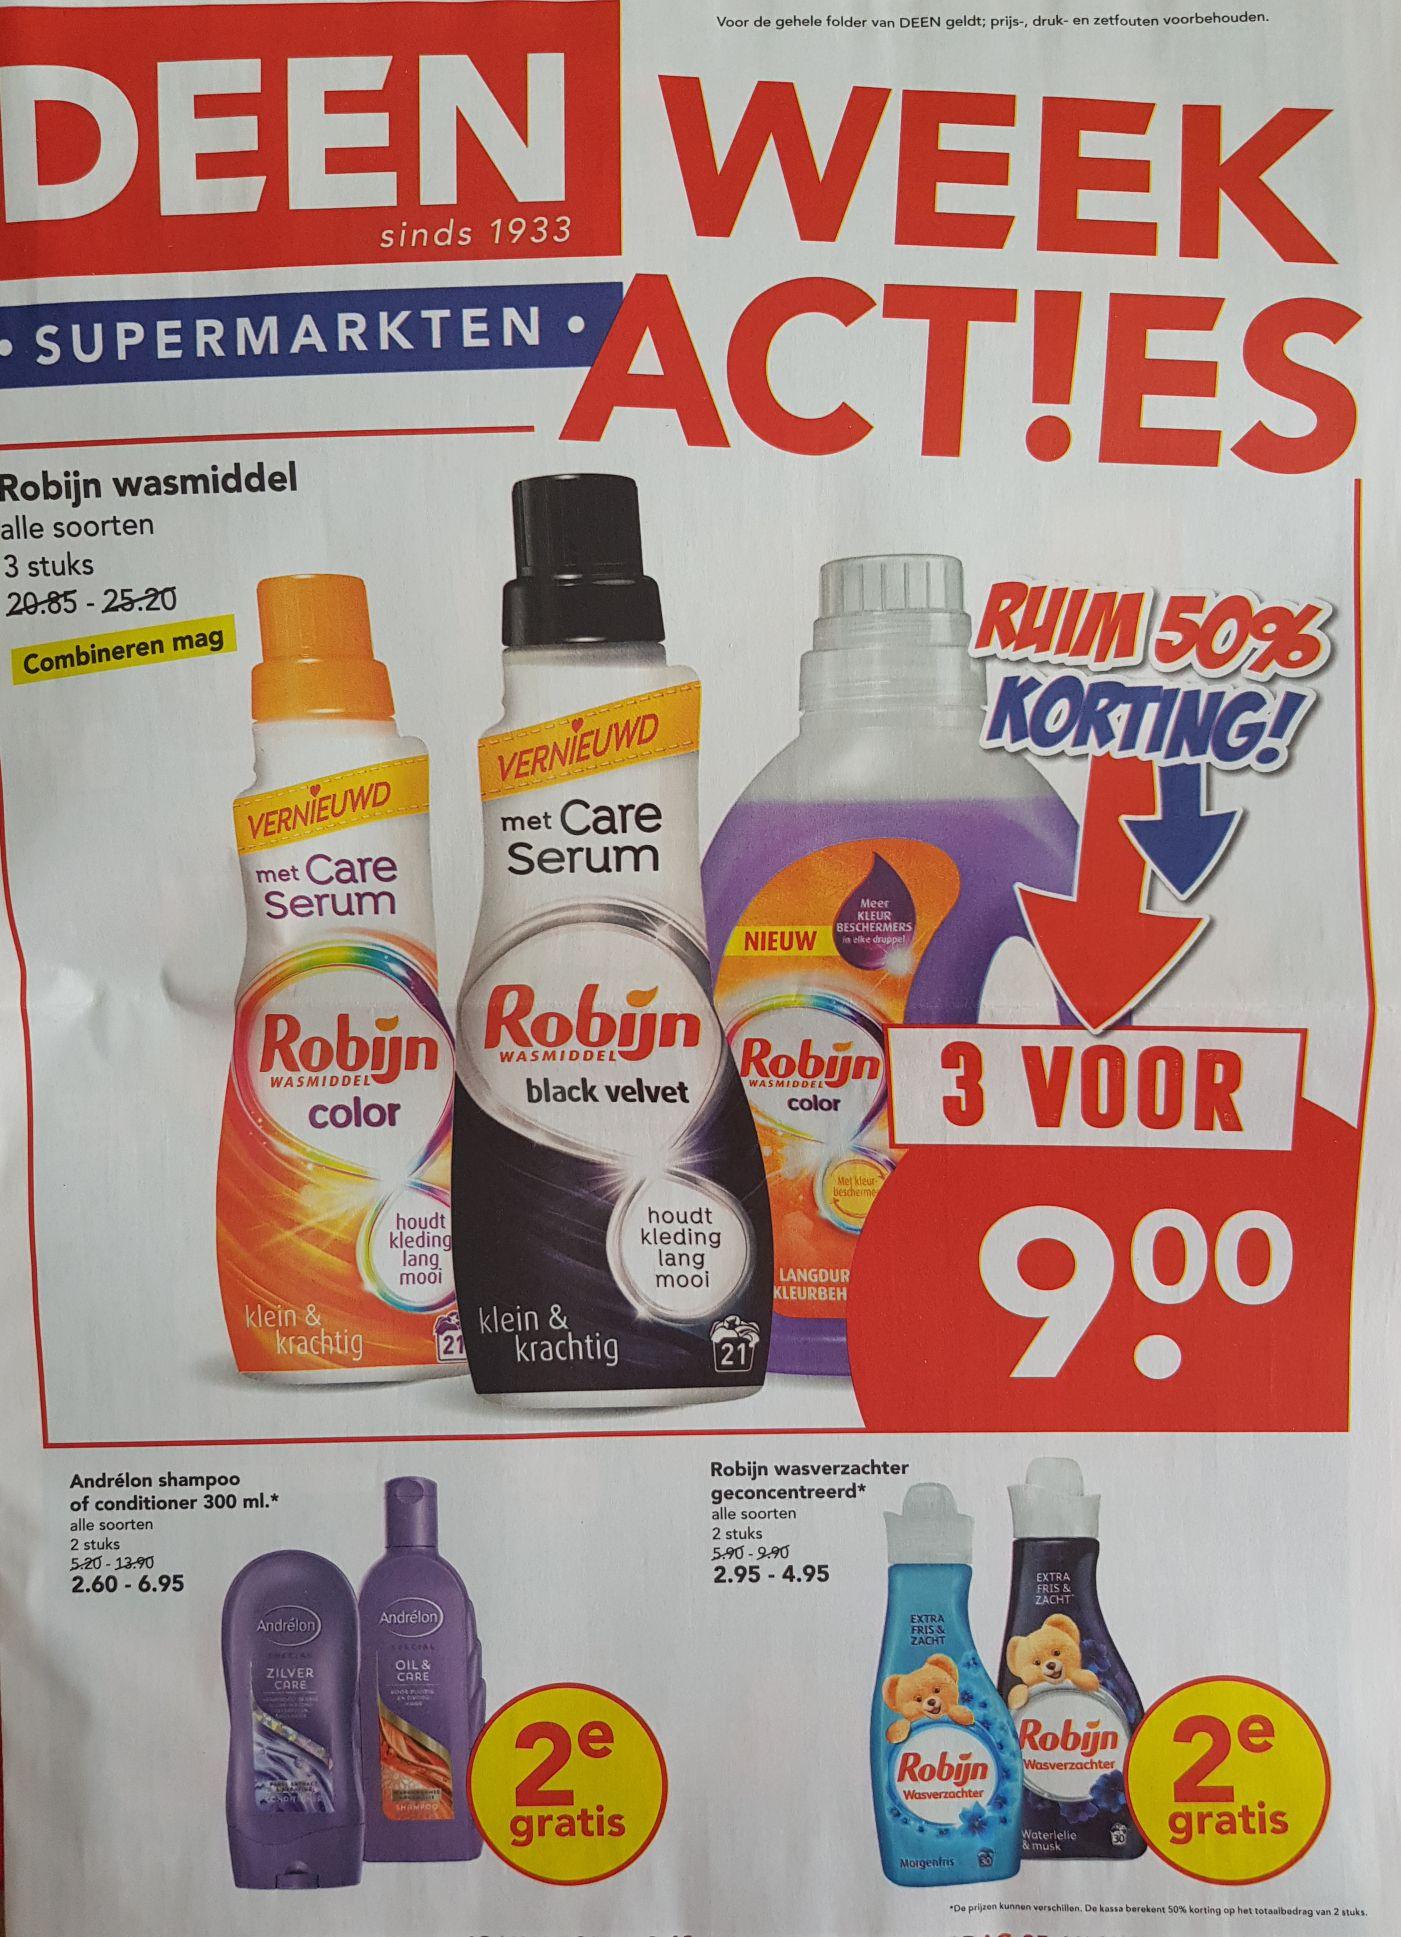 Week acties bij Deen, 3 Robijn wasmiddel voor 9 euro.